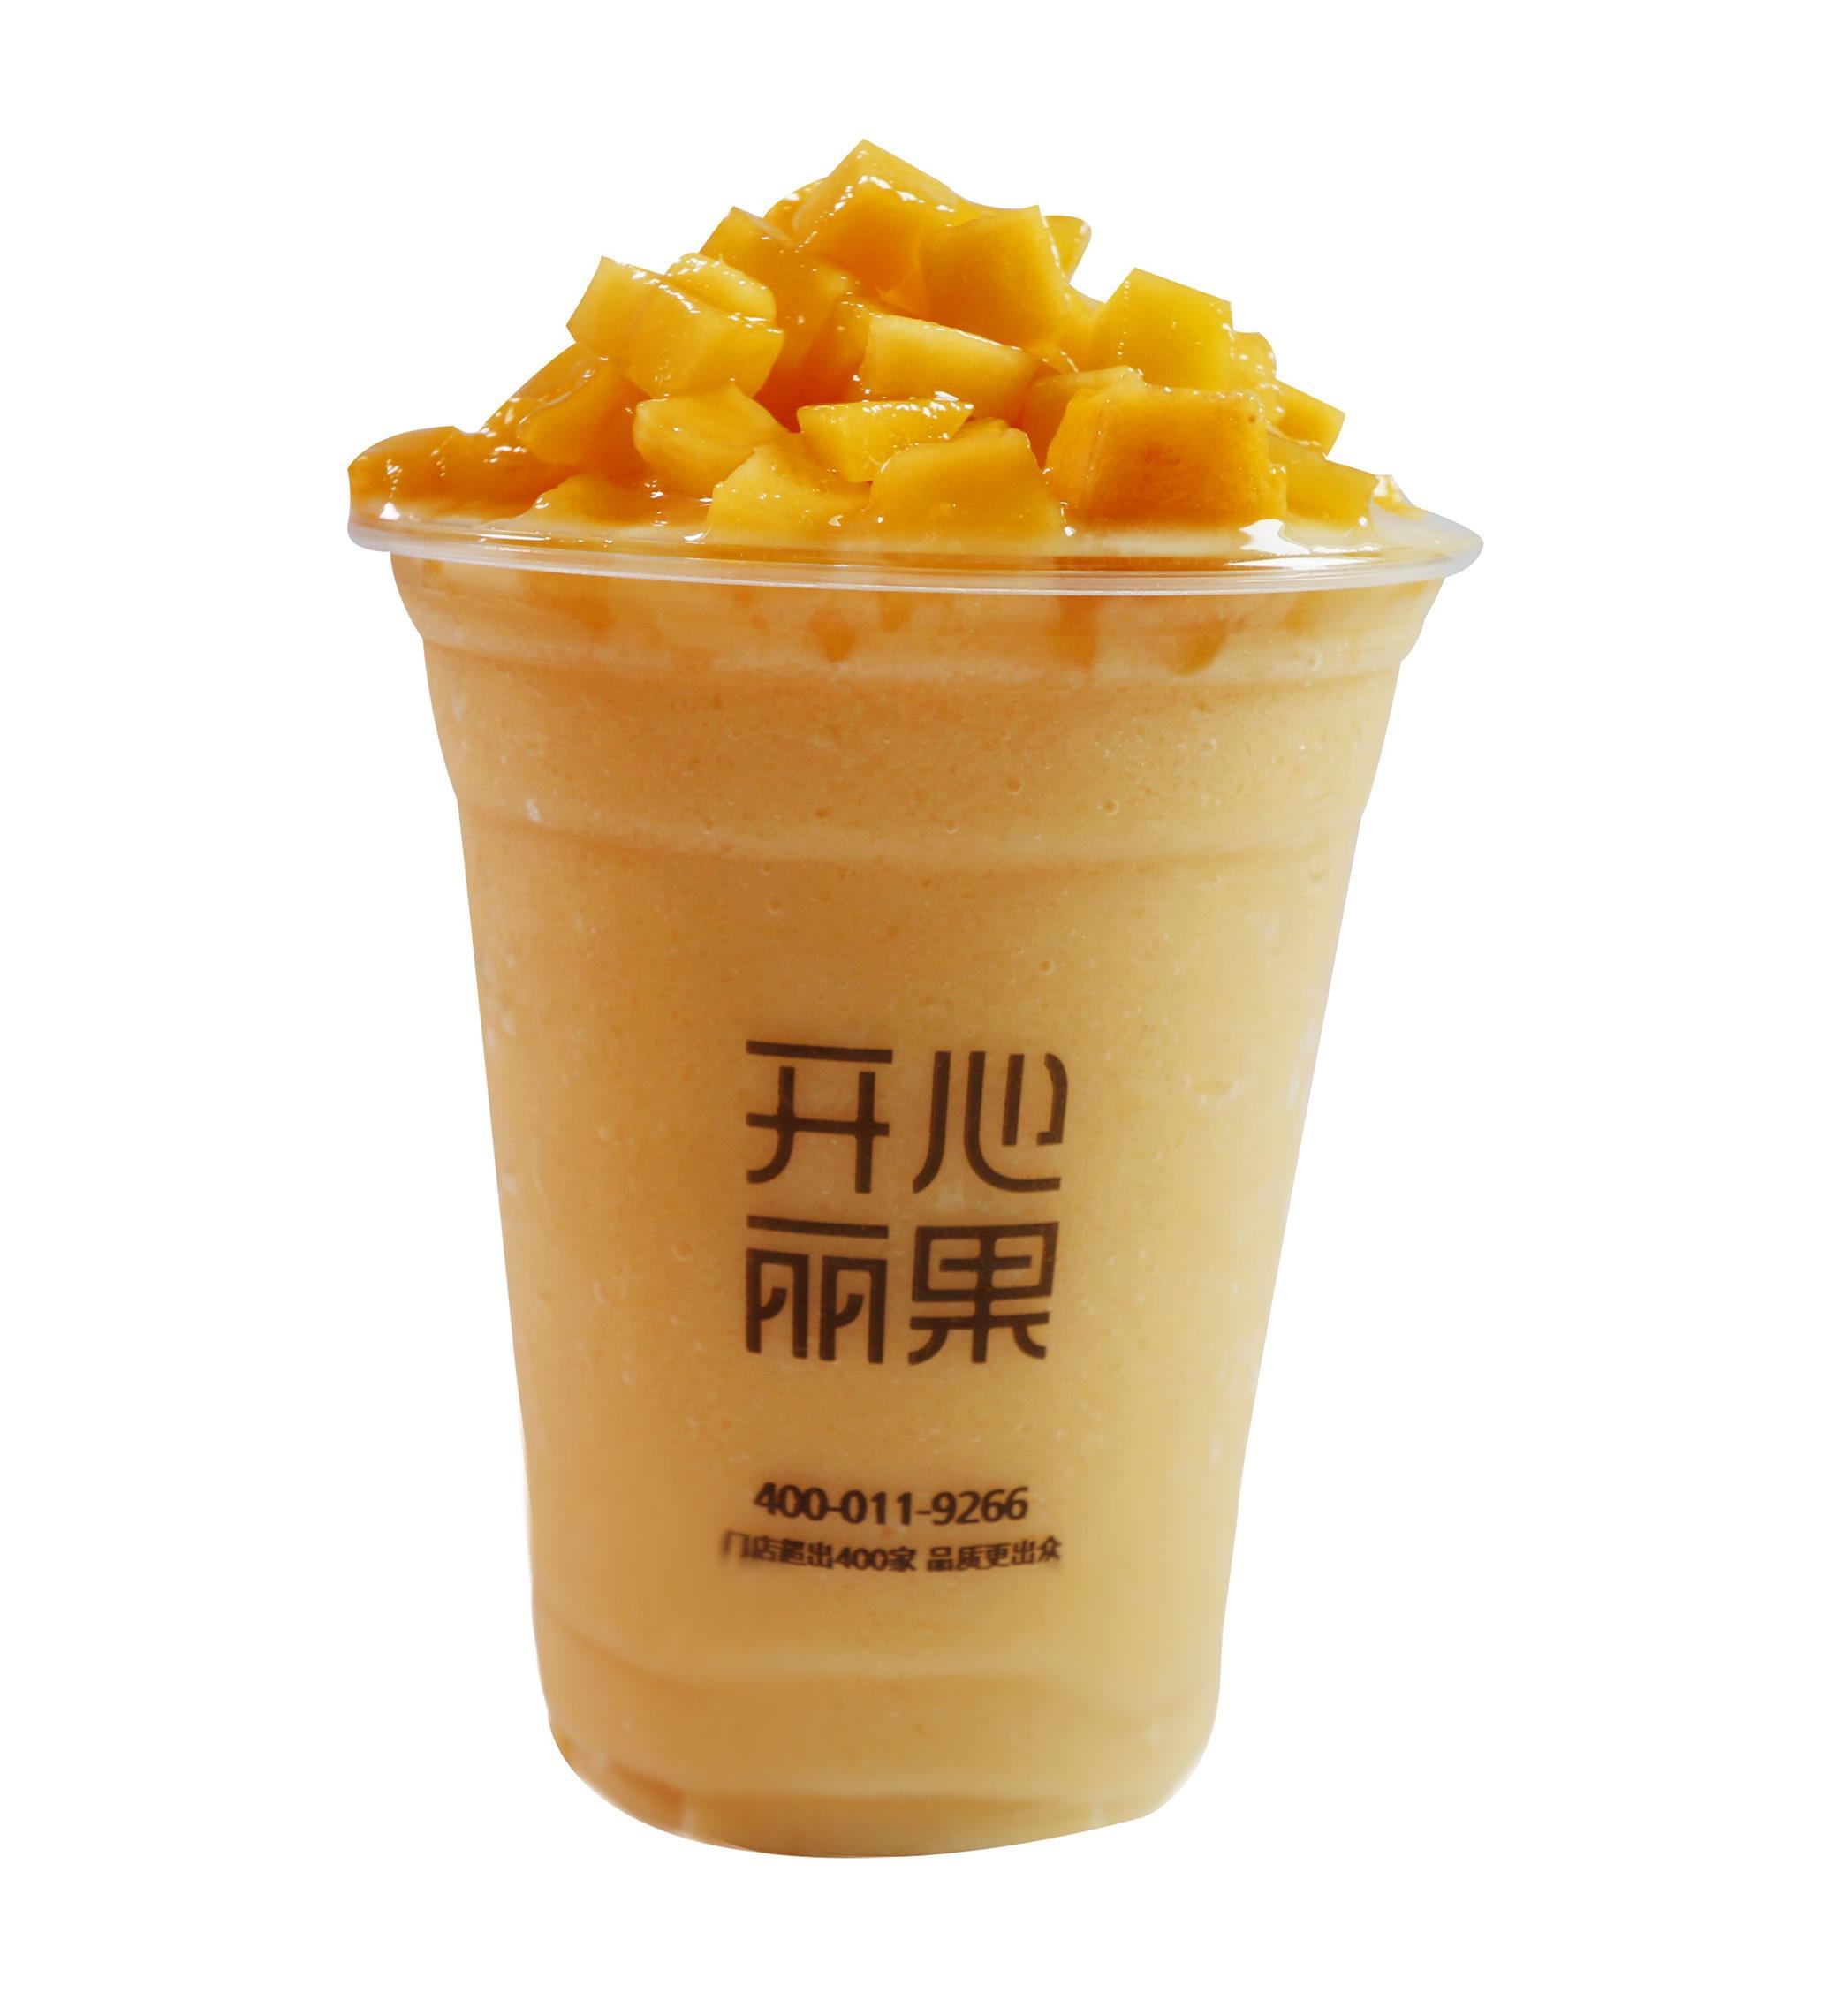 芒果酸奶多2.jpg